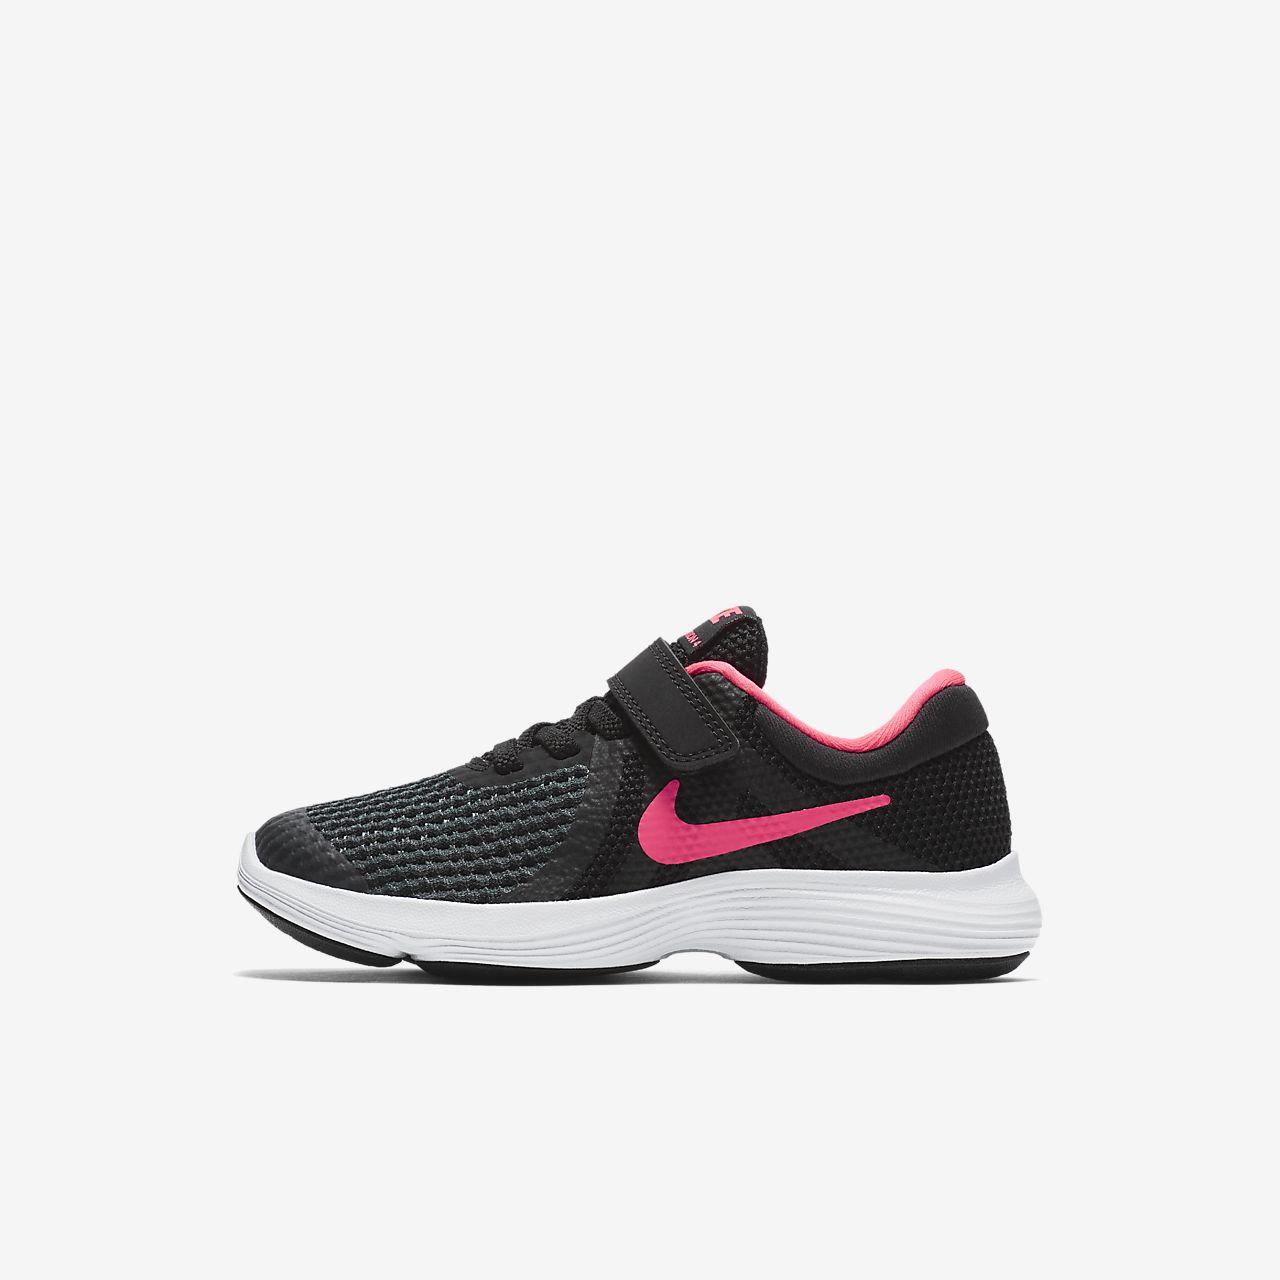 403c15356 Sapatilhas Nike Revolution 4 para criança. Nike.com PT